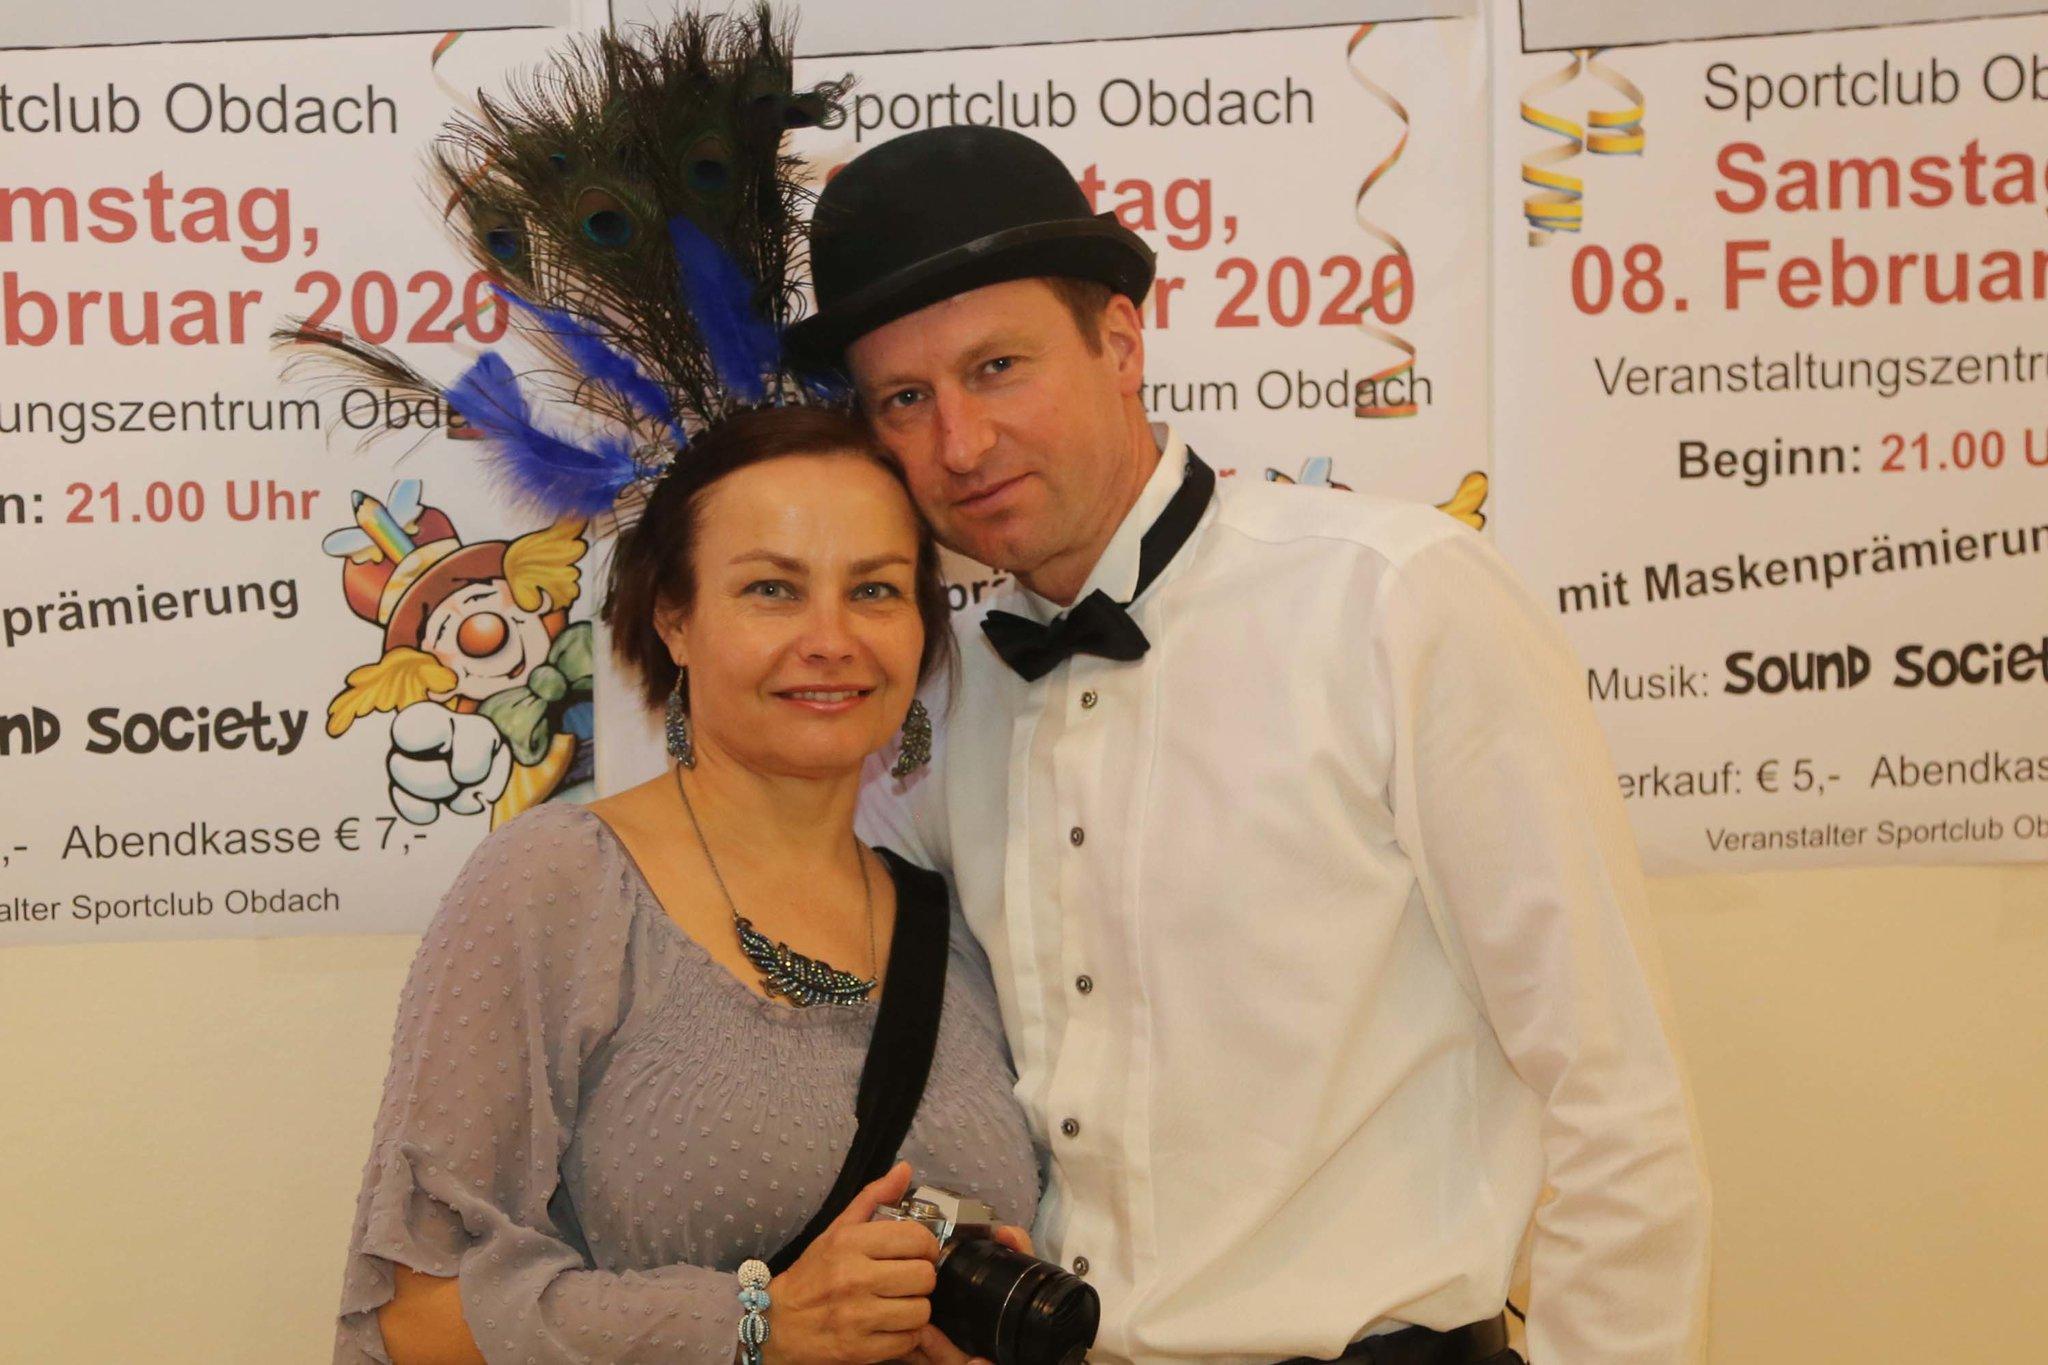 Job dating | Obdach | 23. Jnner 2020 - Berufsorientierung in